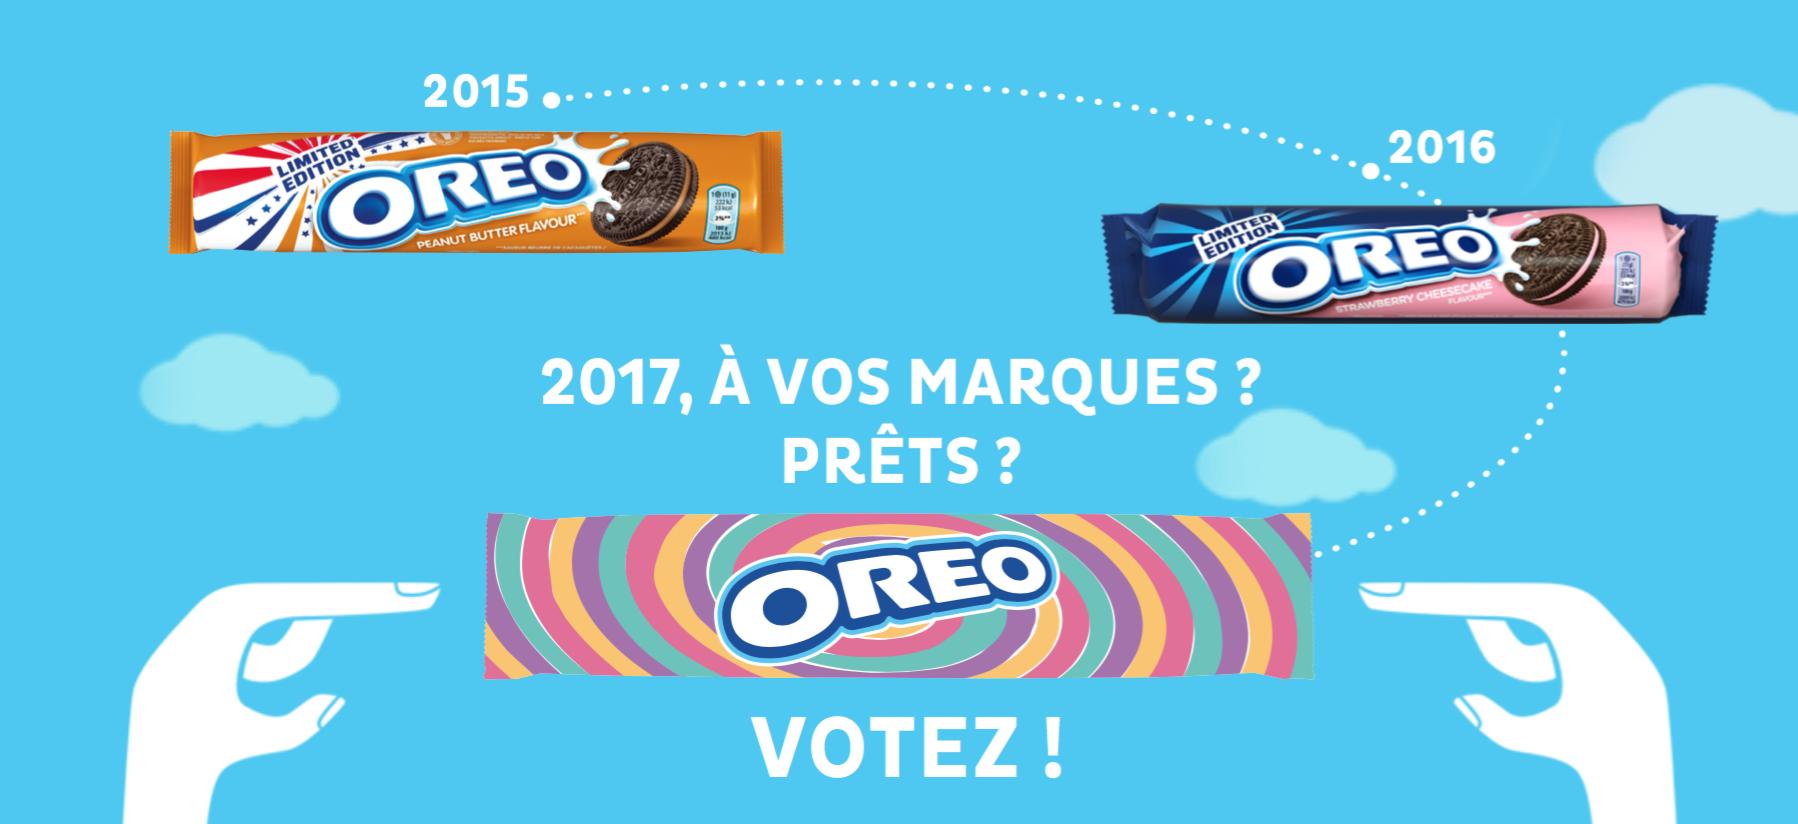 oreo-vote-saveur-2017